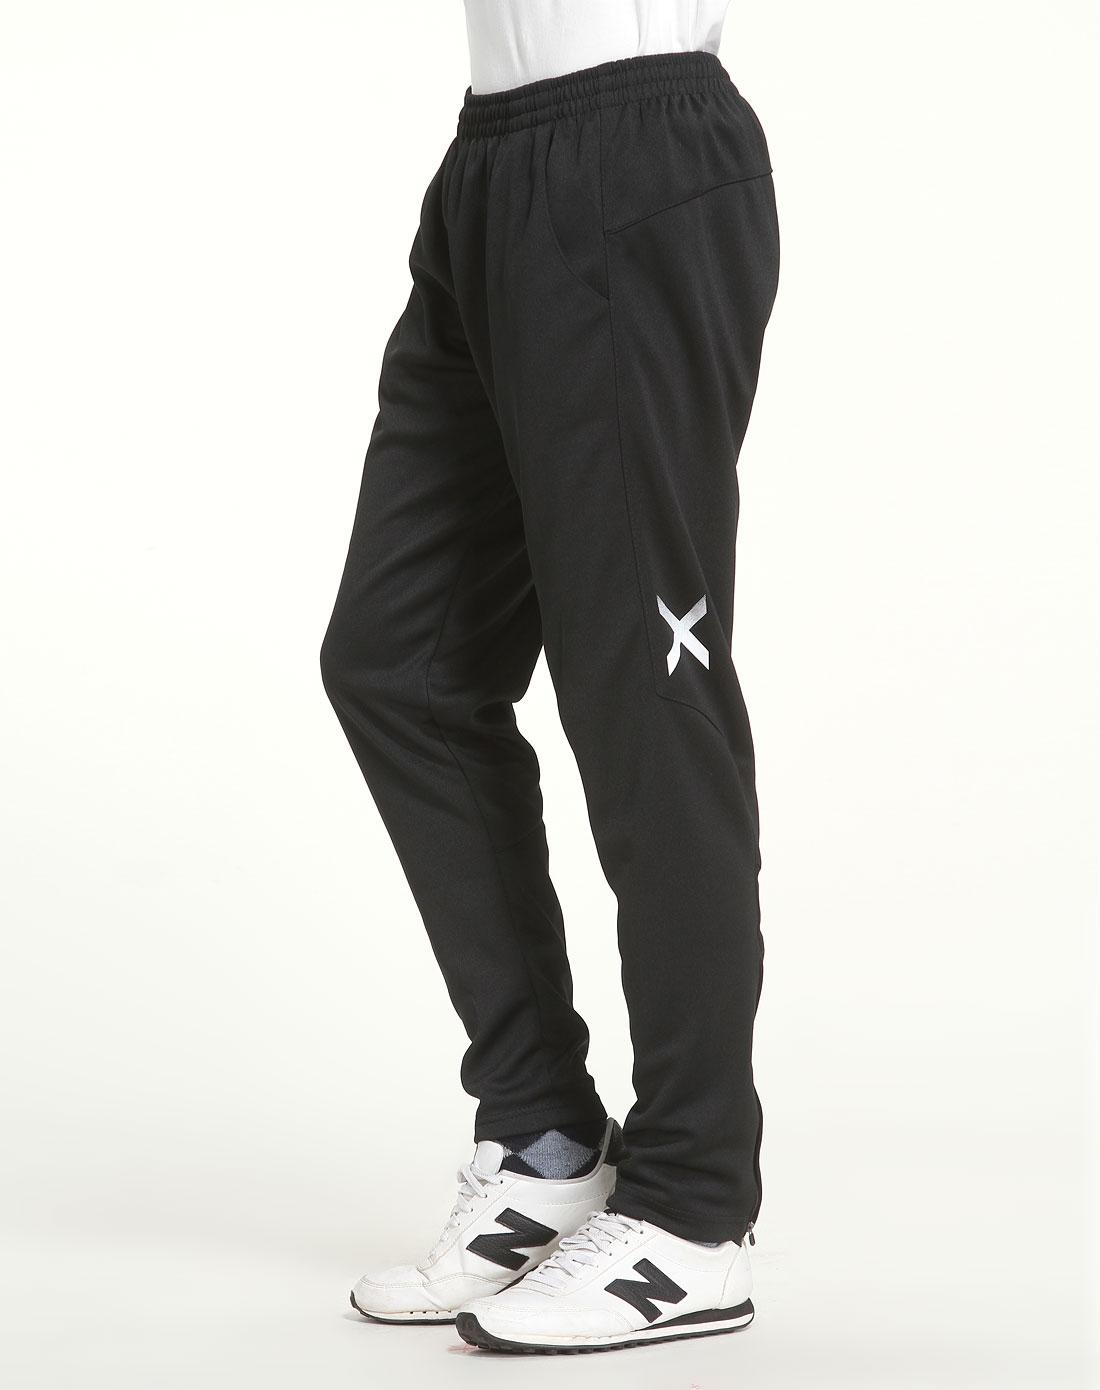 款黑色运动舒适针织长裤